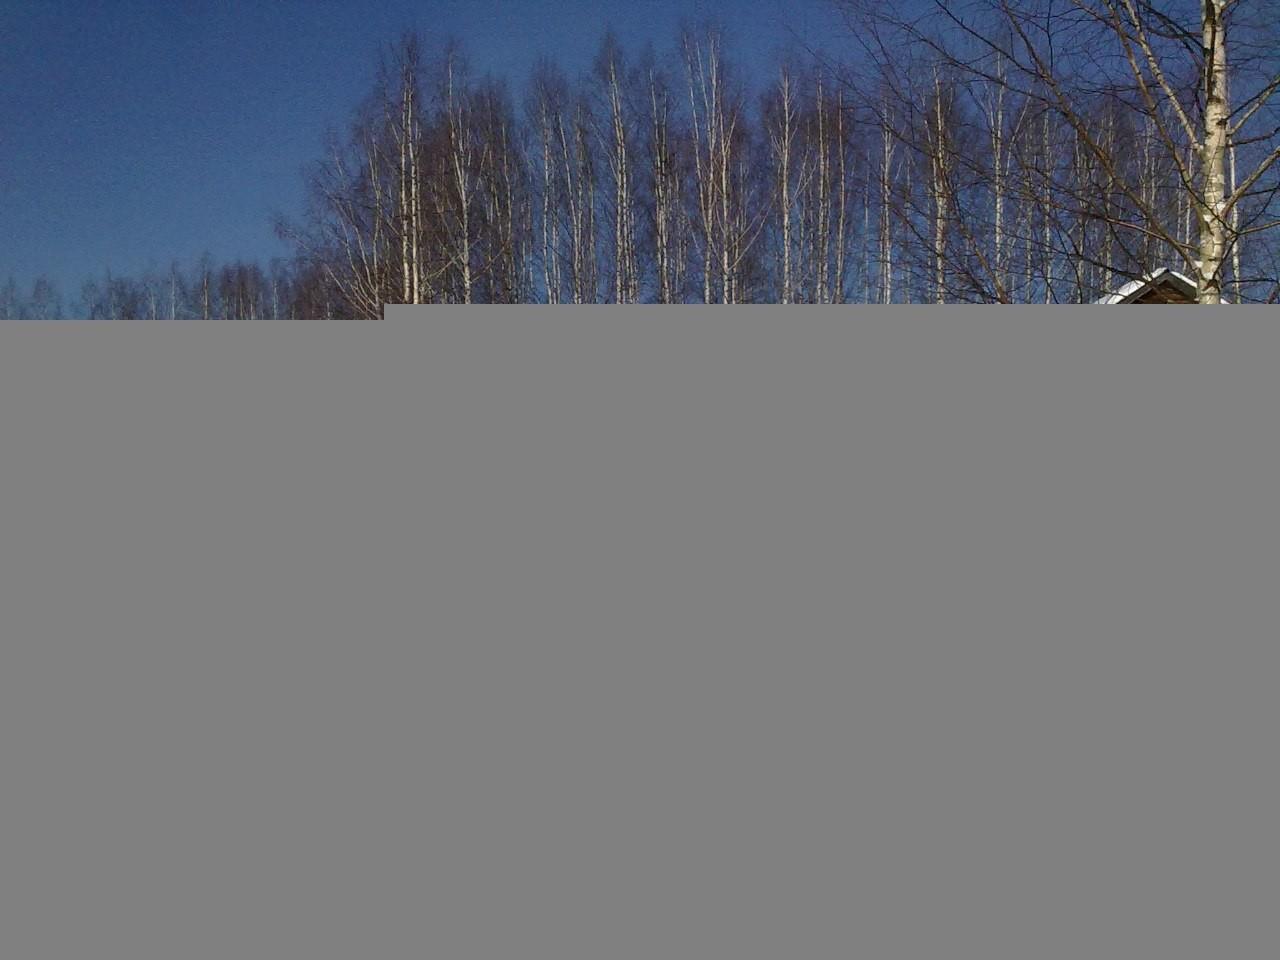 Лебедь, семейно-оздоровительный центр - №19